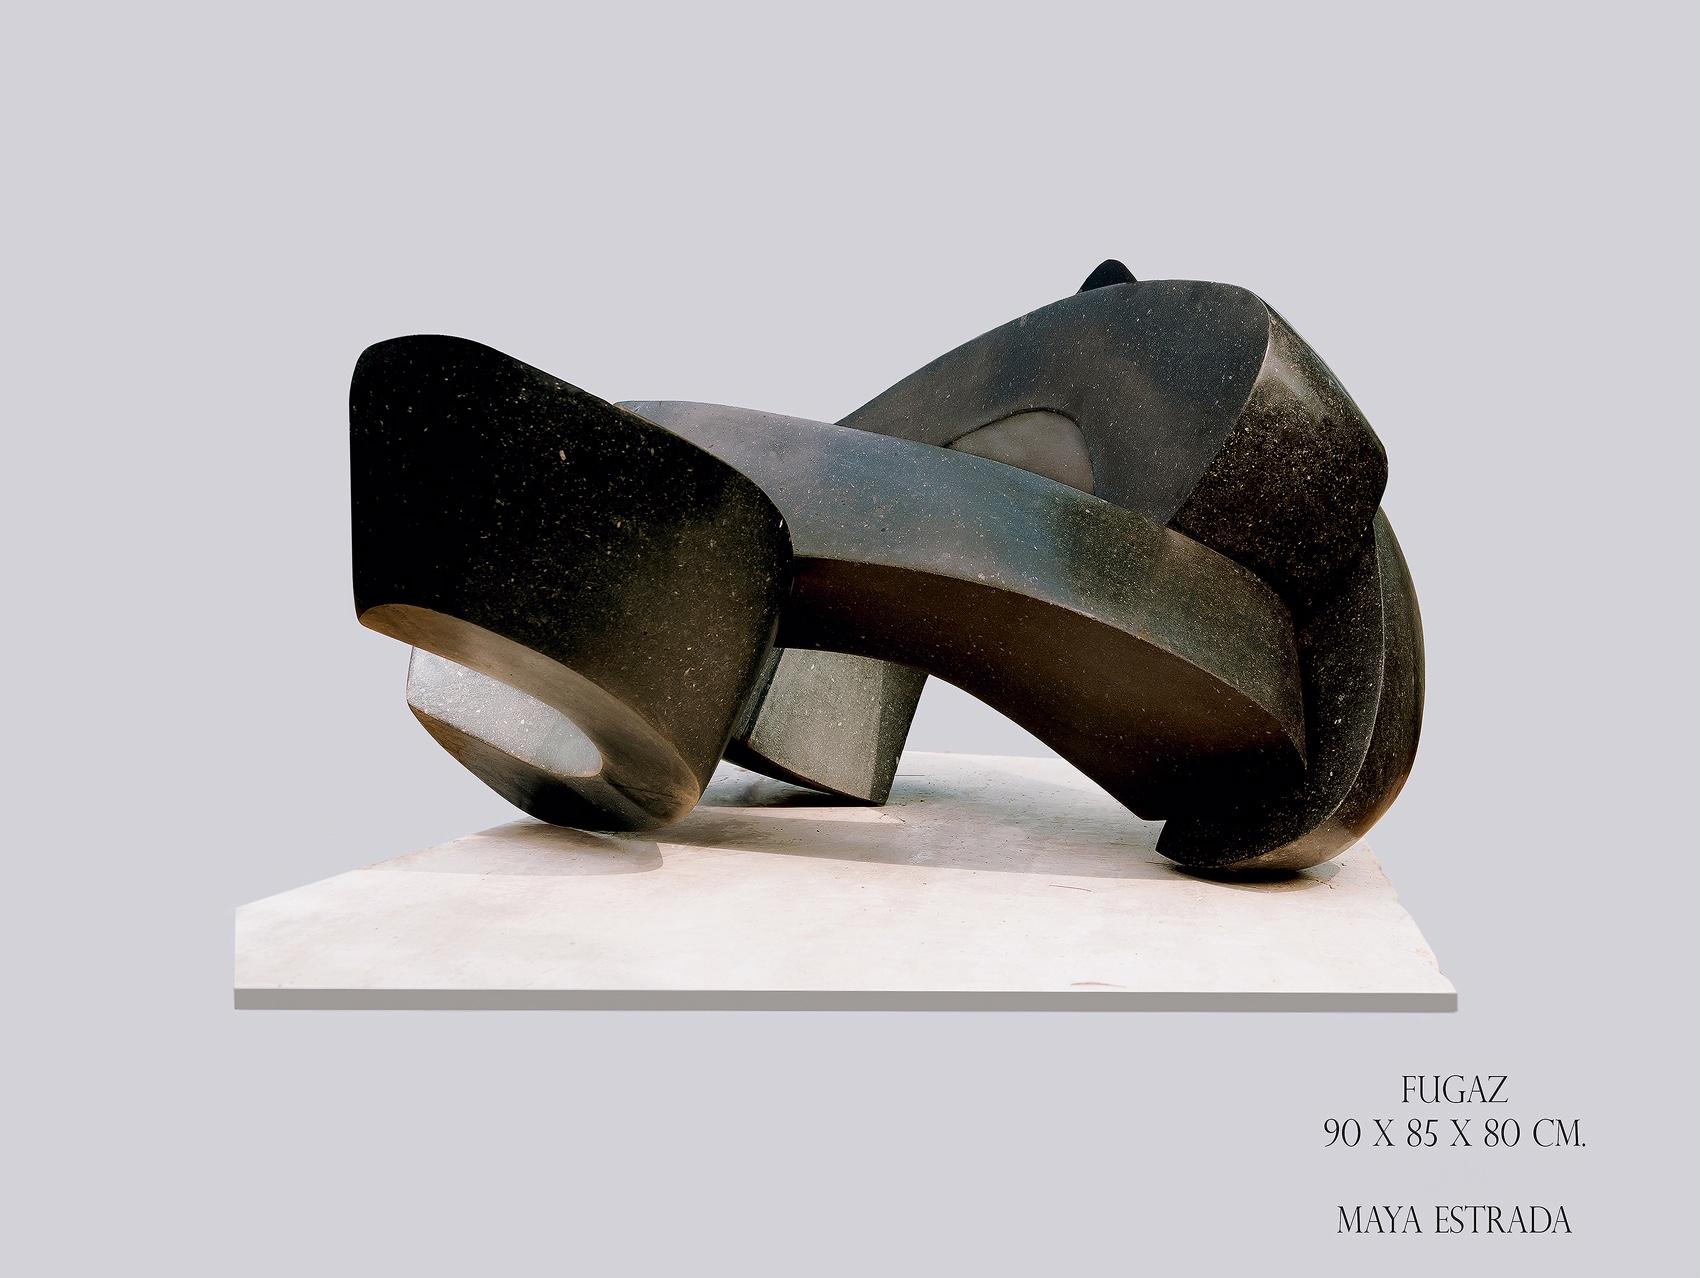 """La obra """"Fugaz"""" de Maya Estrada resulta ganadora en el Concurso de Escultura 2020"""